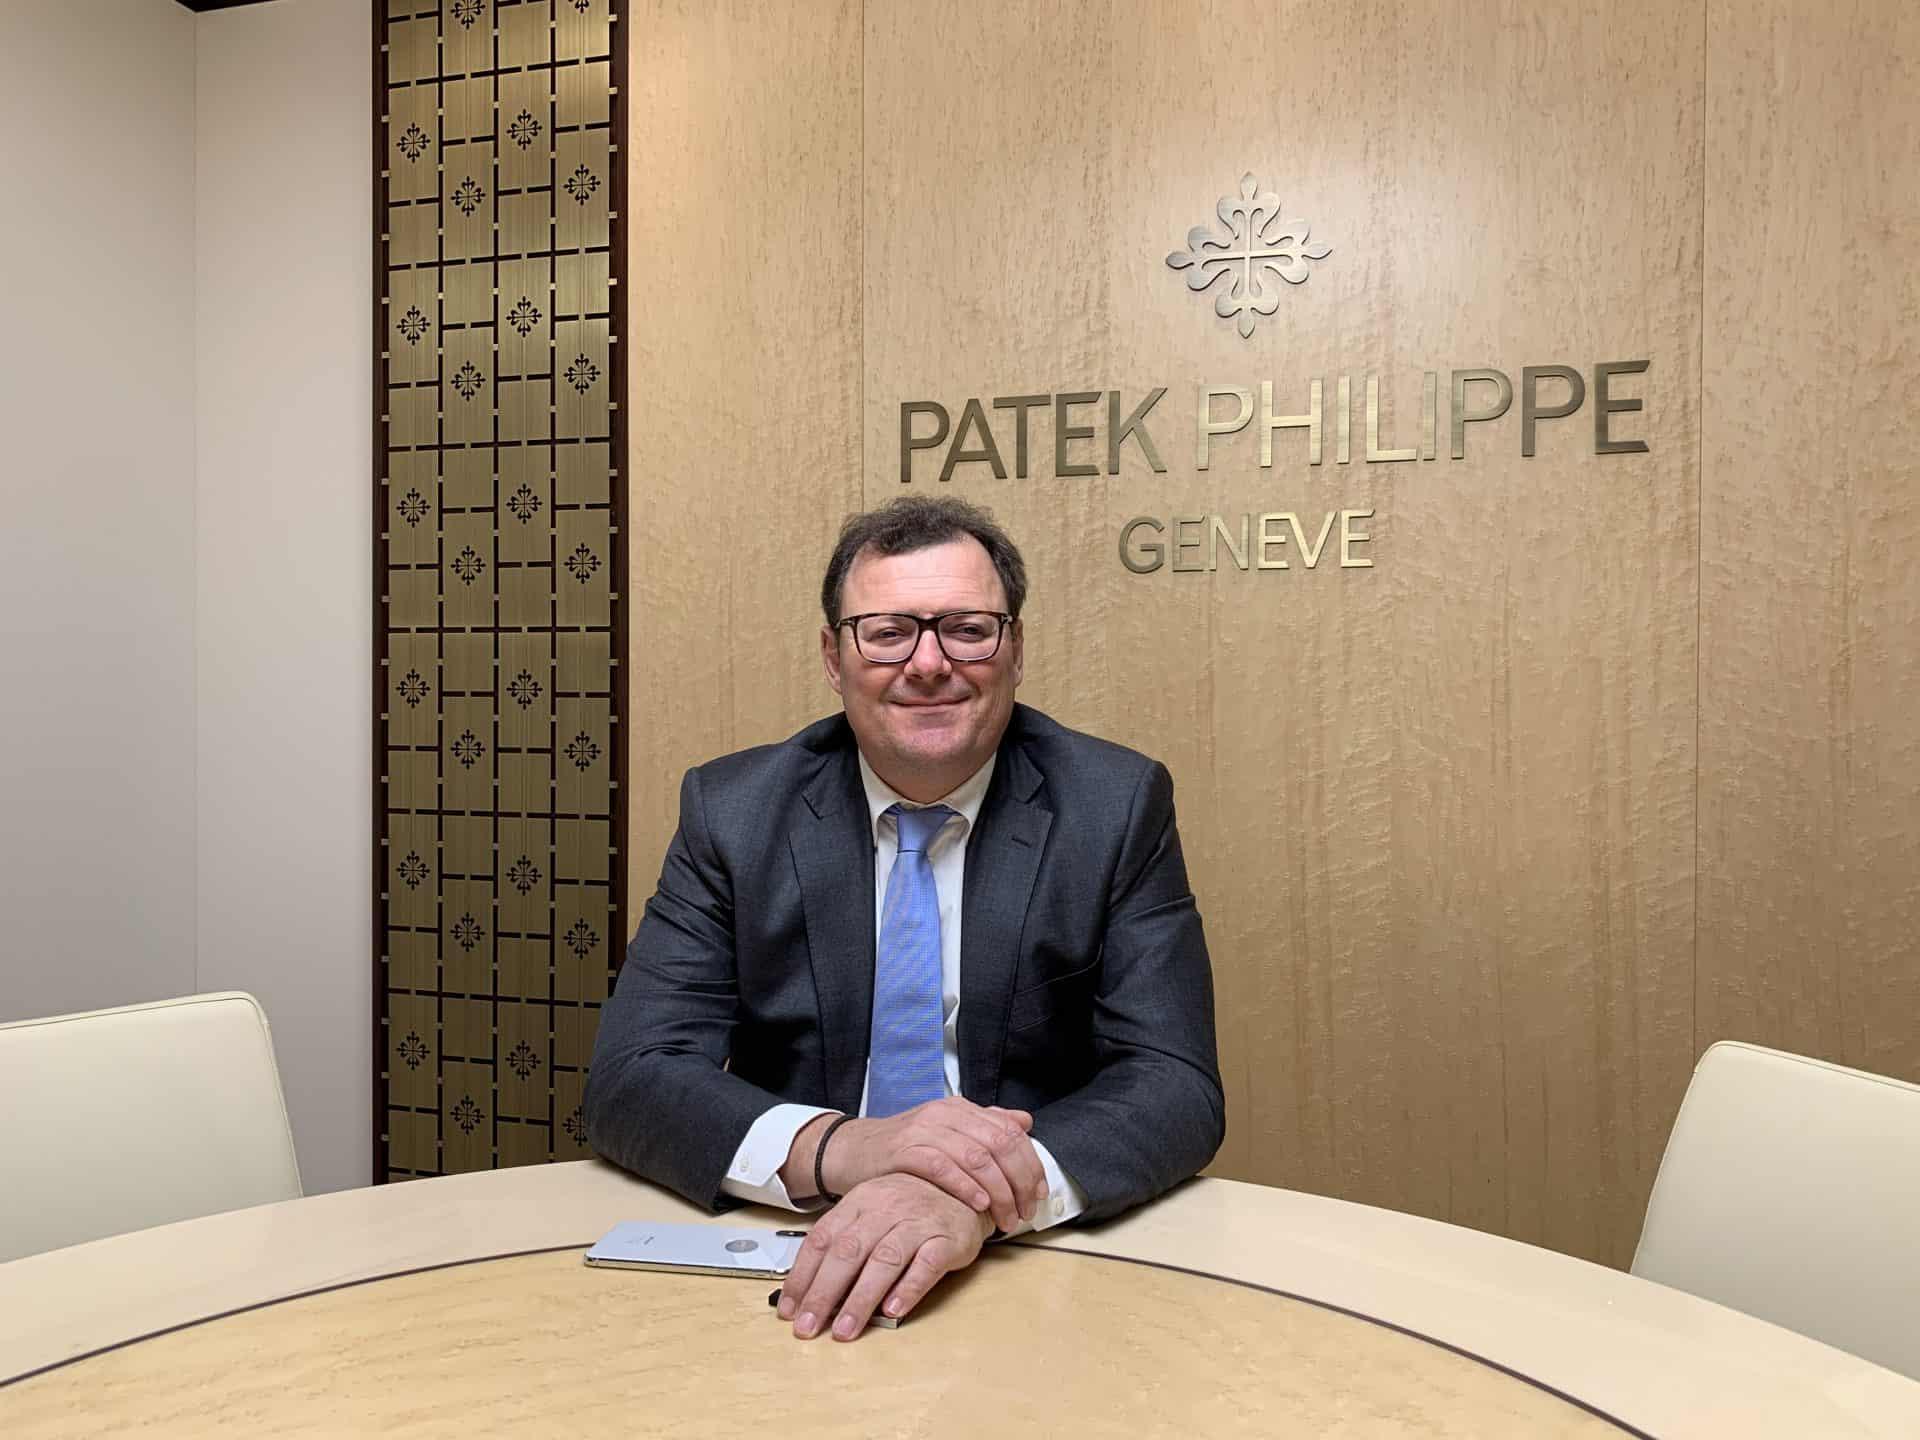 Auch Patek Philipppe Präsident Thierry Stern hat den Weggang von Basel verkündet